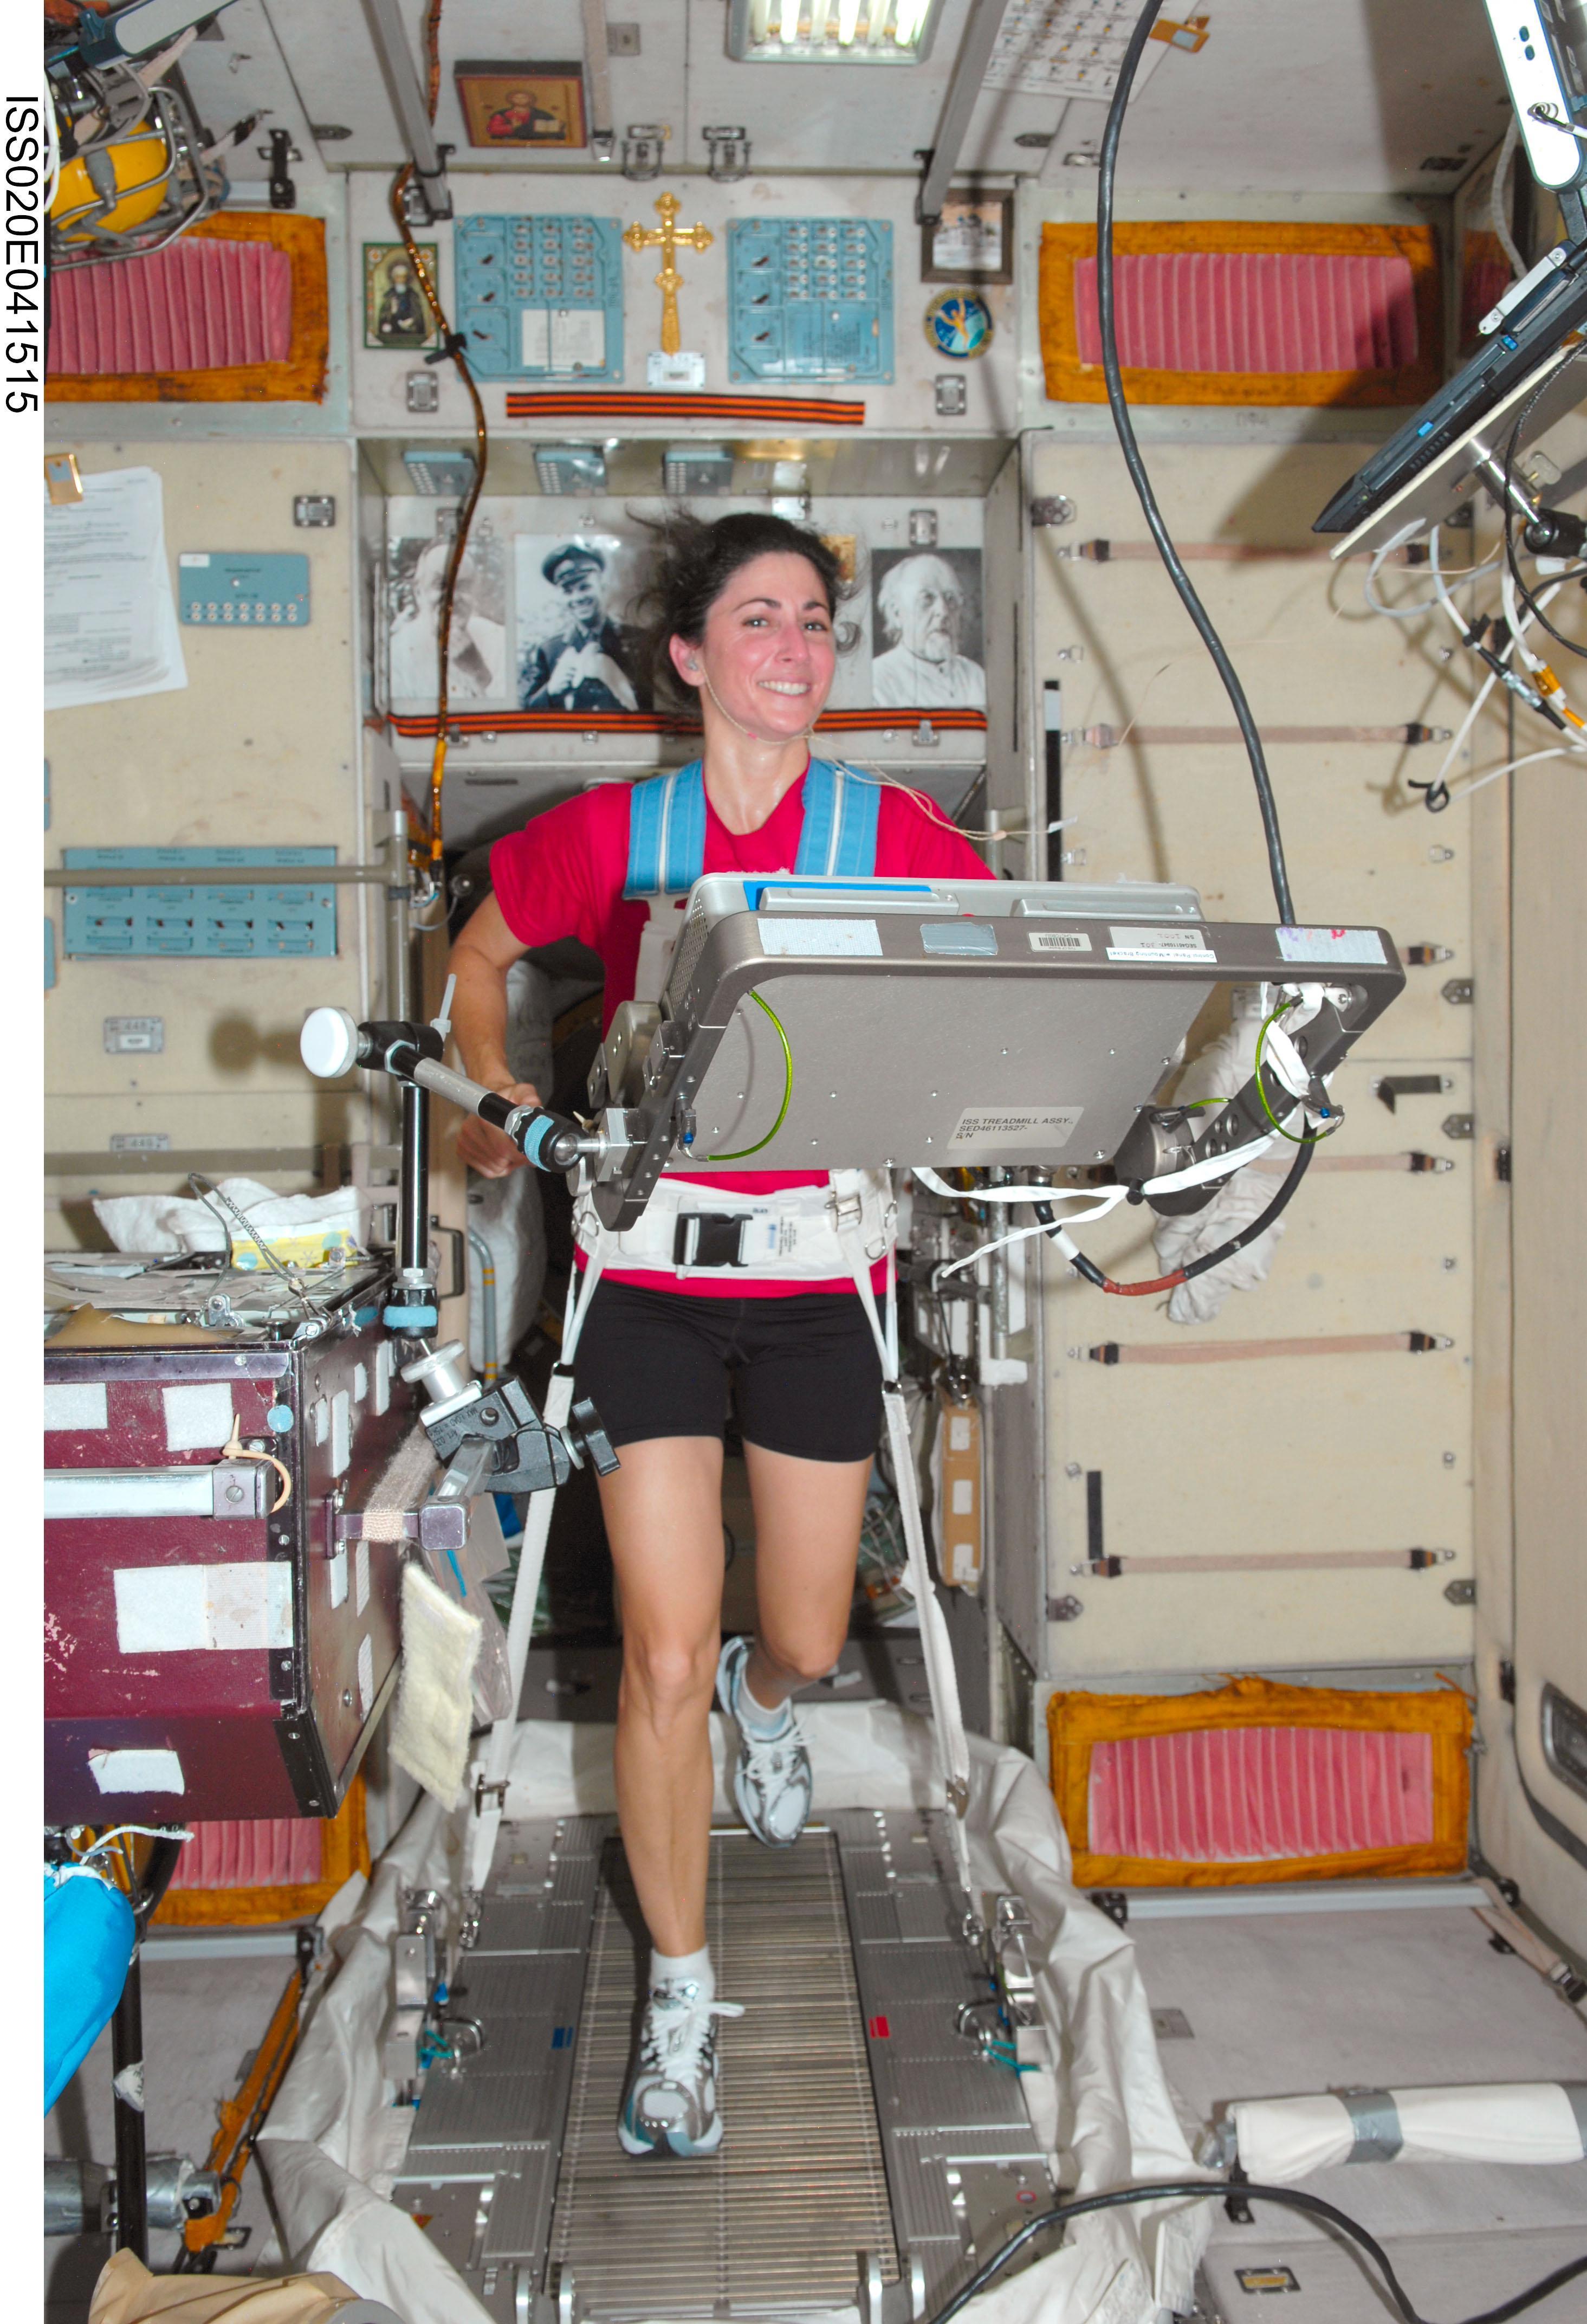 Nasa Treadmill With Vibration Isolation And